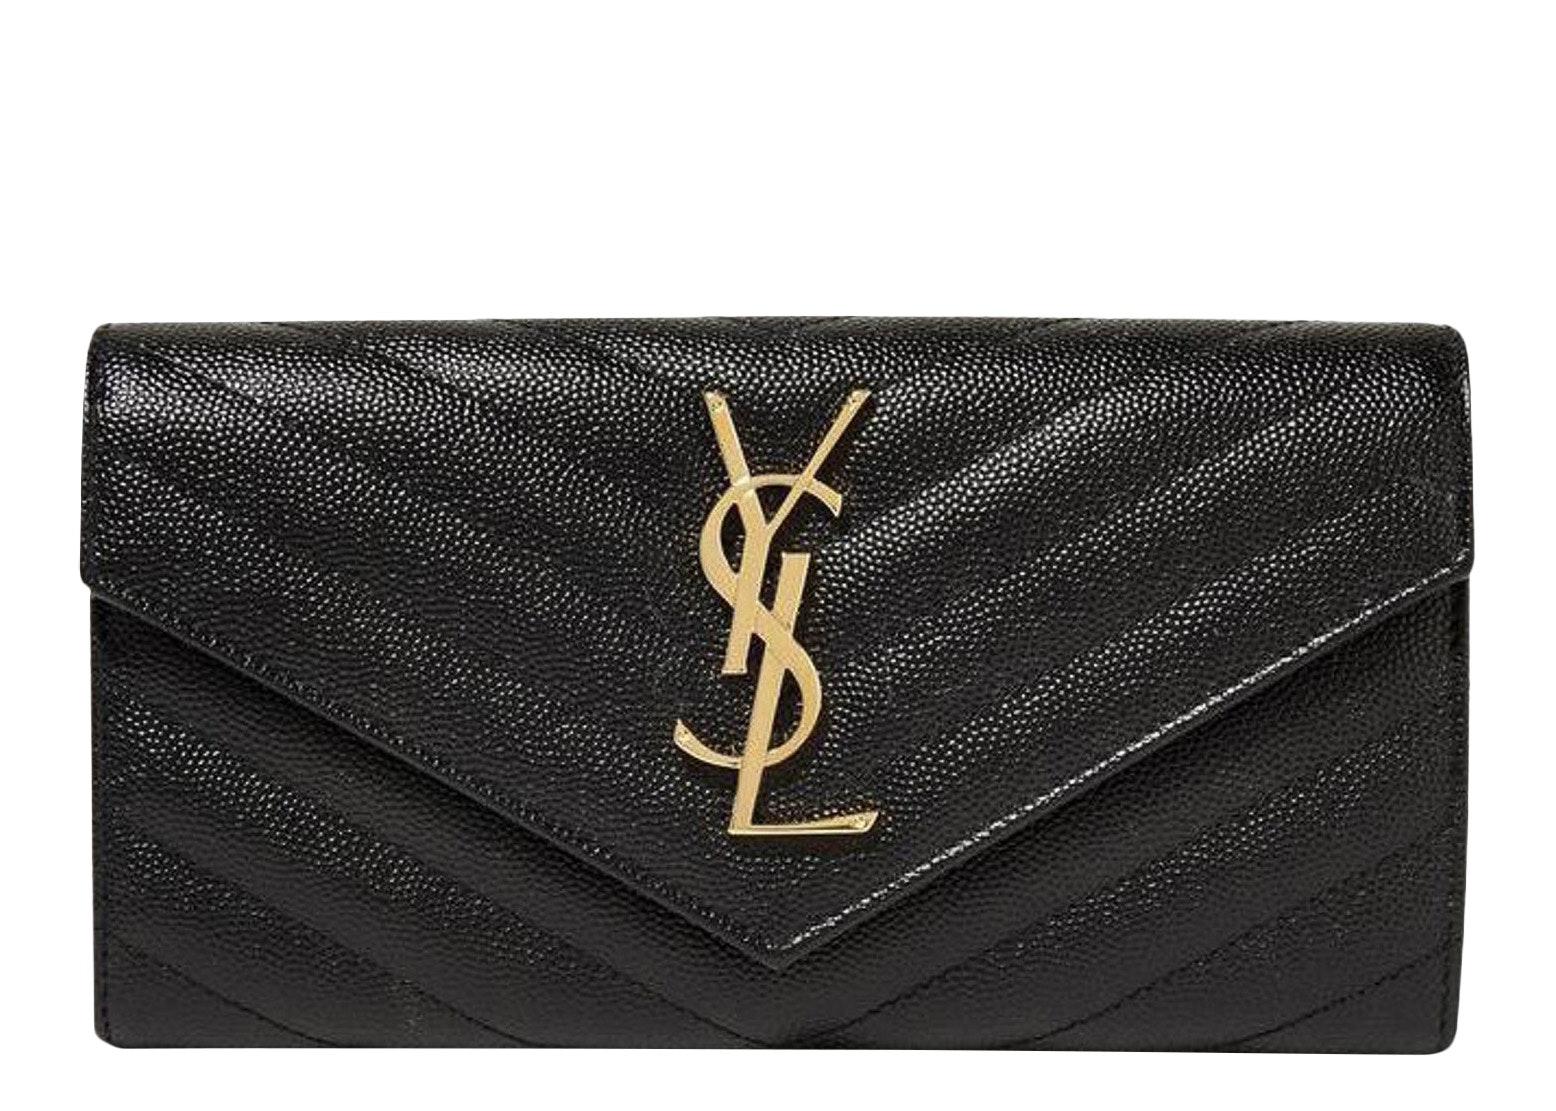 Saint Laurent College Flap Wallet Matelasse Large Black